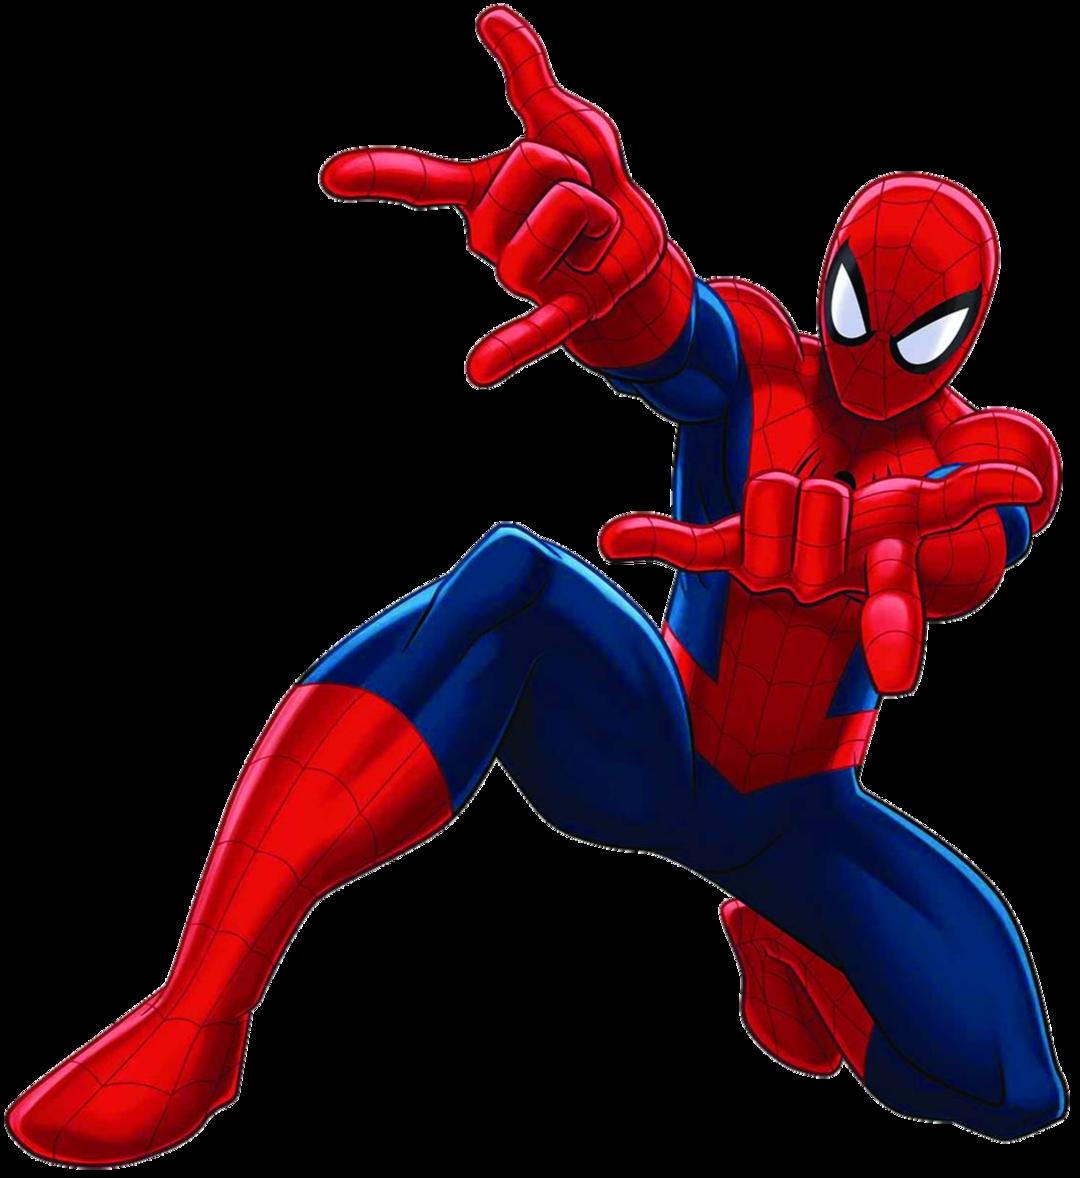 كرتون spider man بالعربي